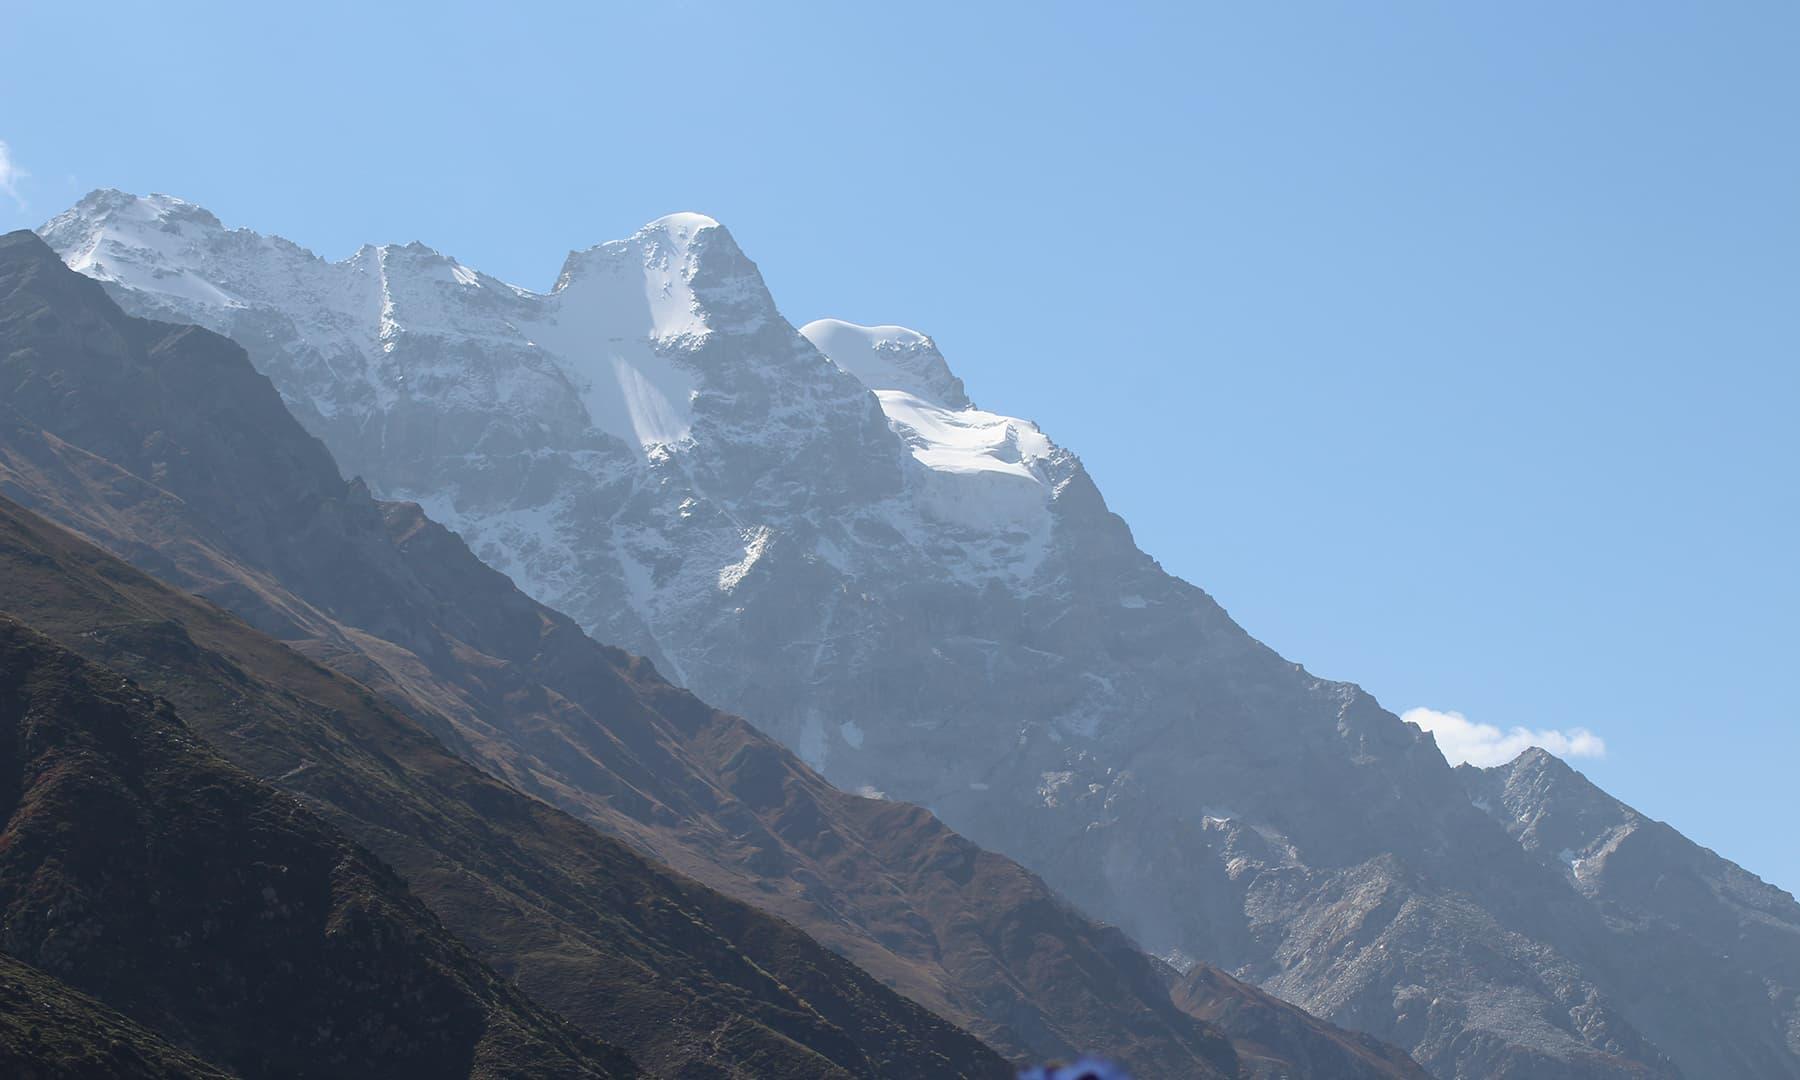 ملکہ پربت کی چوٹی کا خوبصورت منظر—تصویر عظمت اکبر